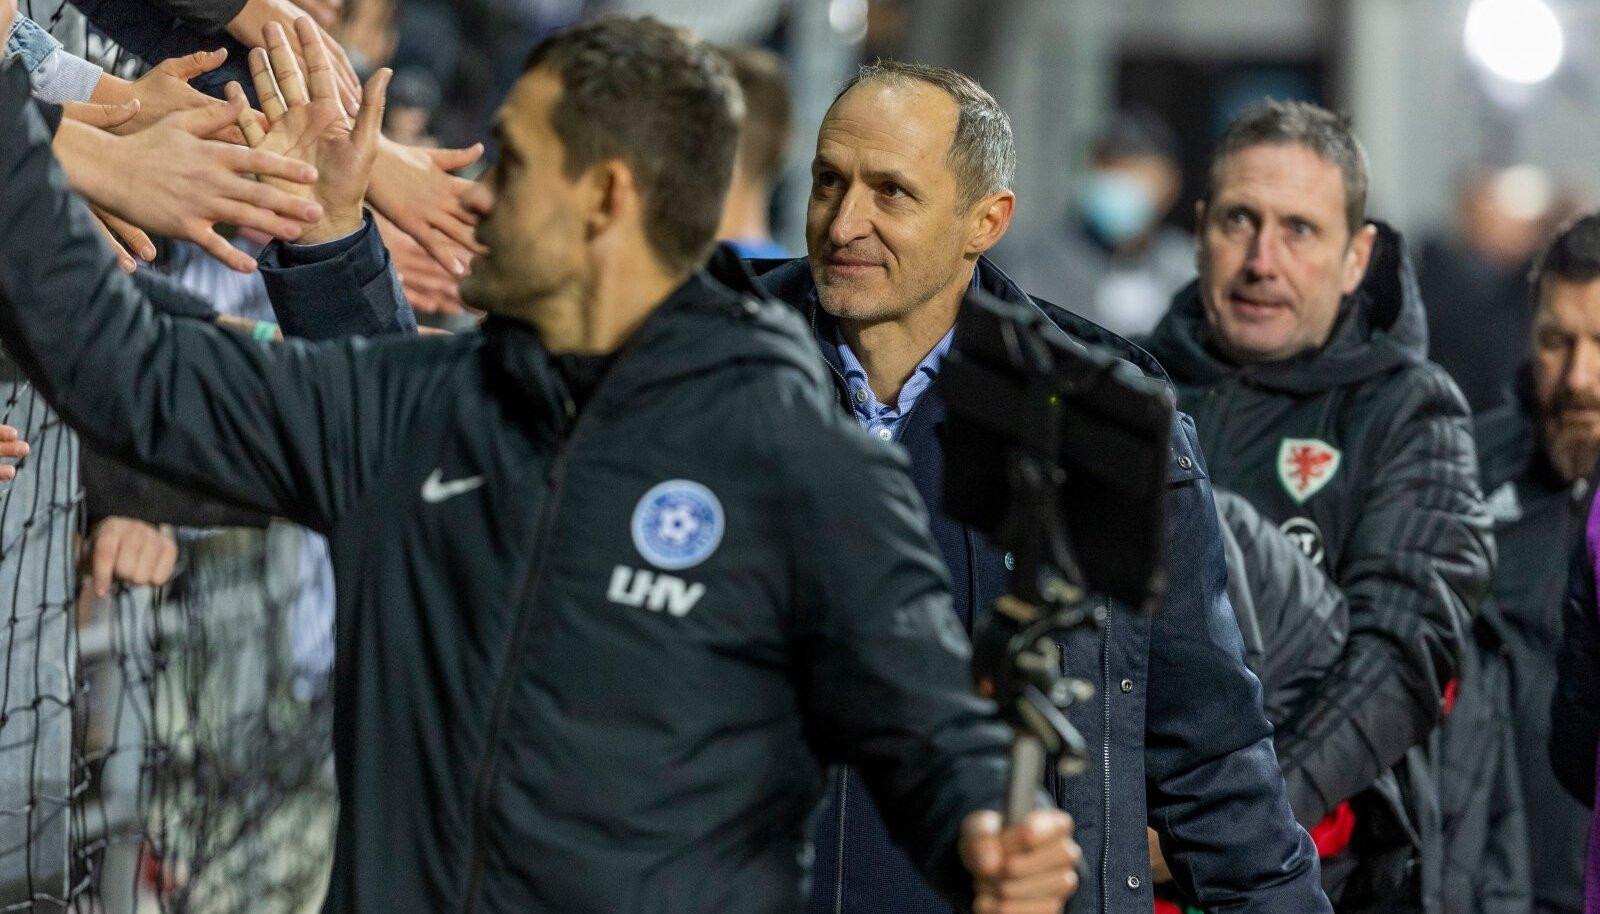 Eesti jalgpallikoondis on täitnud mitu peatreener Thomas Häberli lubadust. Kahel järgmisel aastal peaksid eesmärgid olema suuremad.